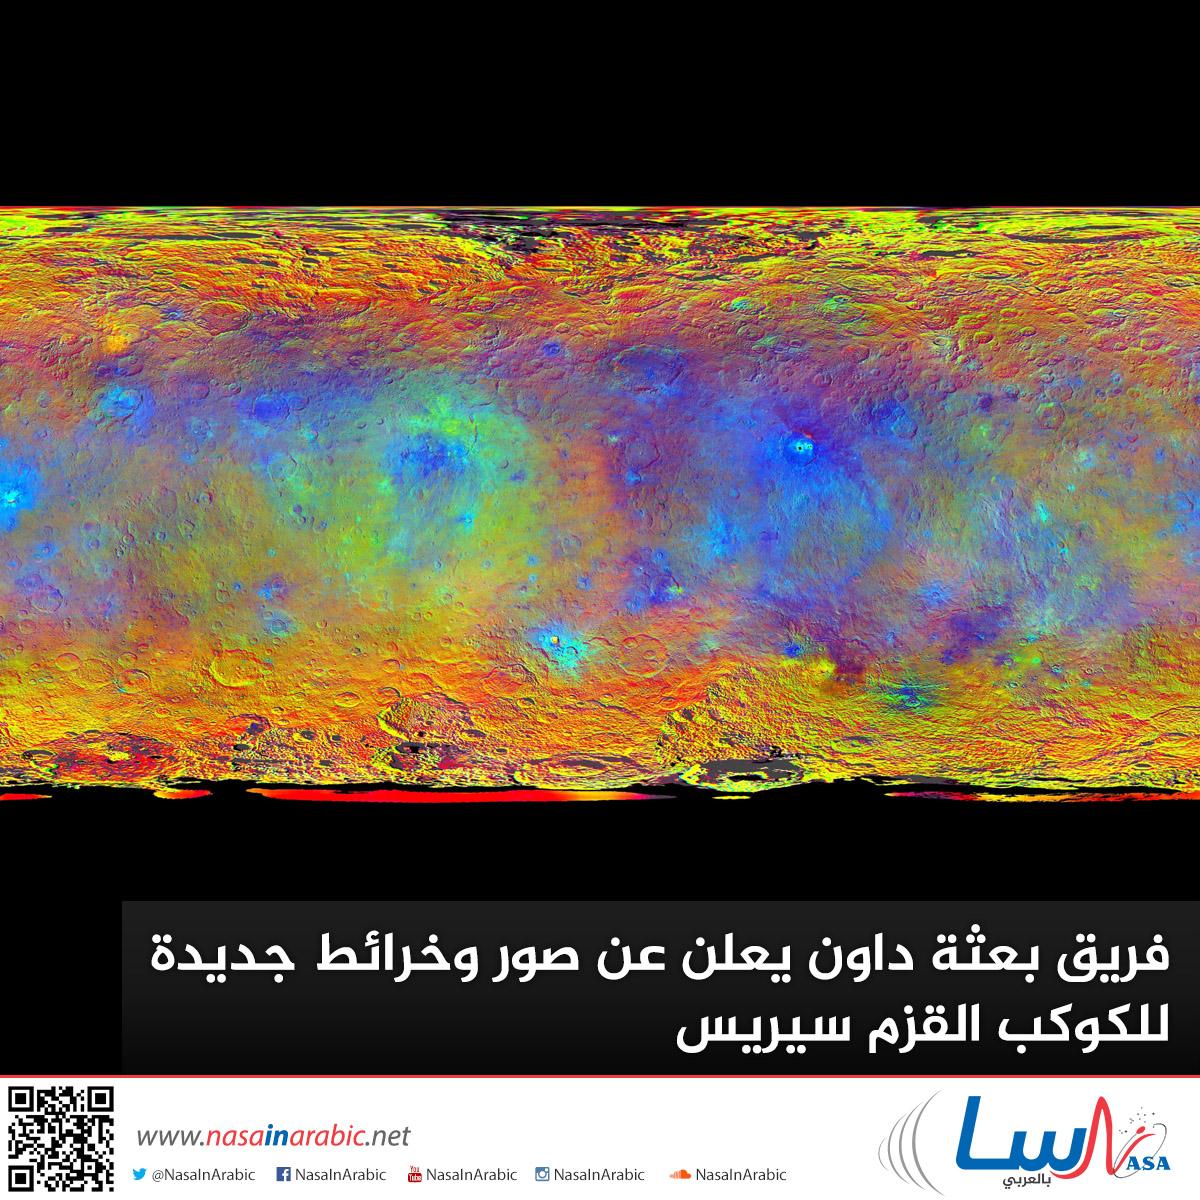 فريق بعثة داون يعلن عن صور وخرائط جديدة للكوكب القزم سيريس